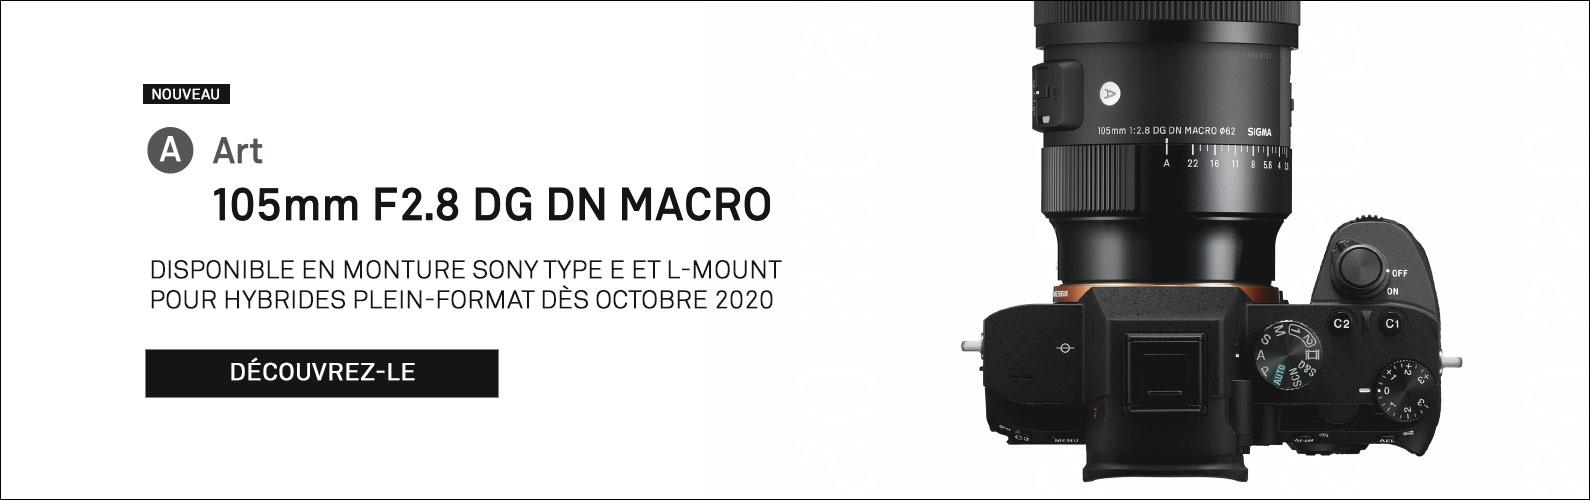 Nouveau 105mm F2.8 DG DN | Art pour hybrides plein-format Sony E et L-Mount